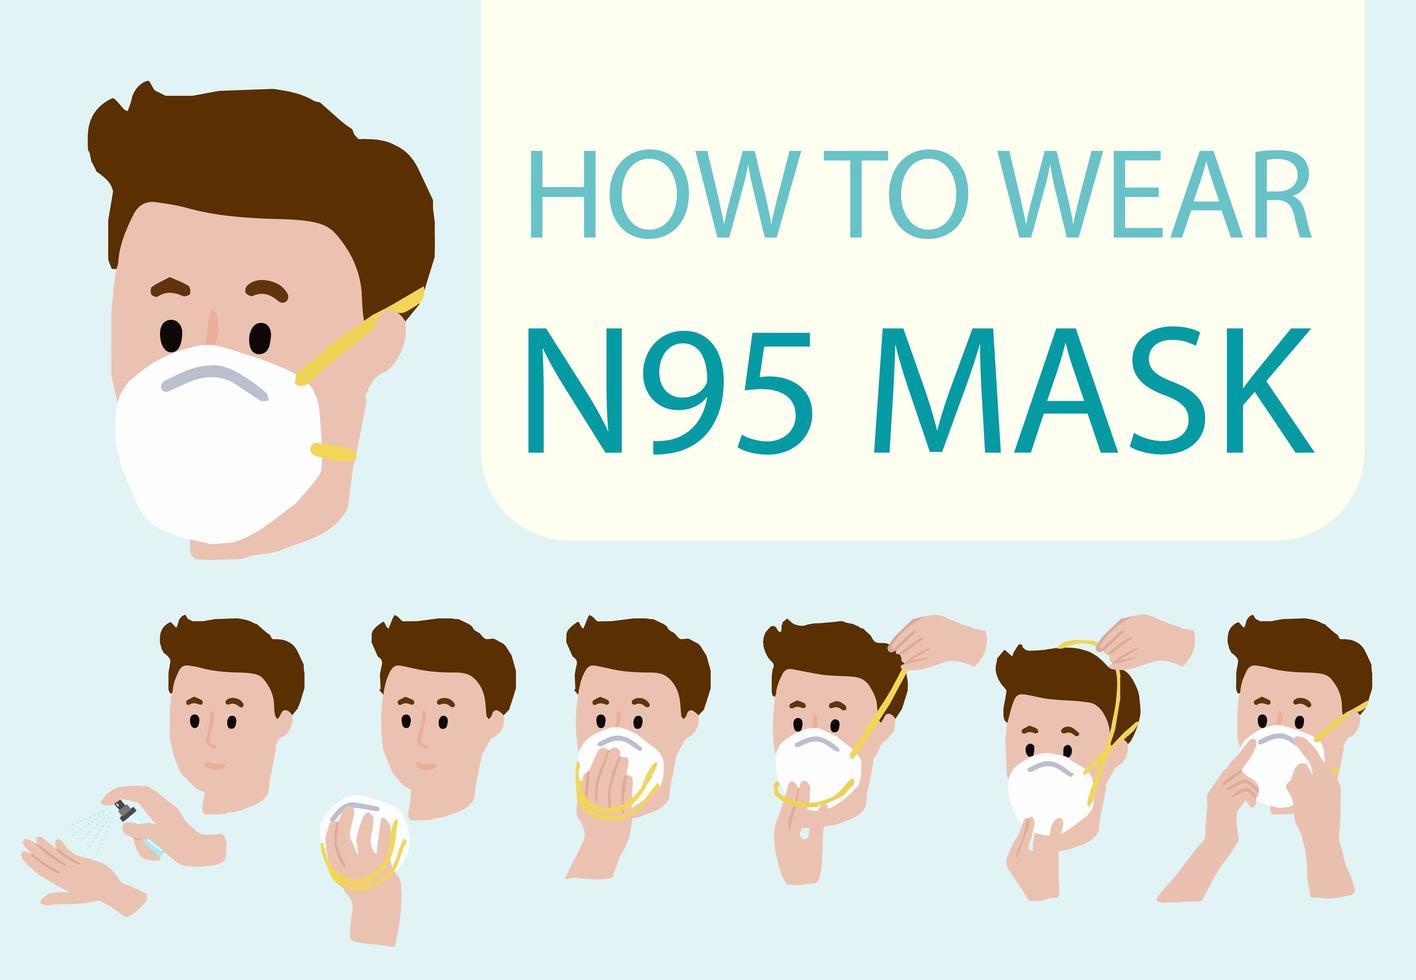 come indossare correttamente il poster maschera n95 vettore